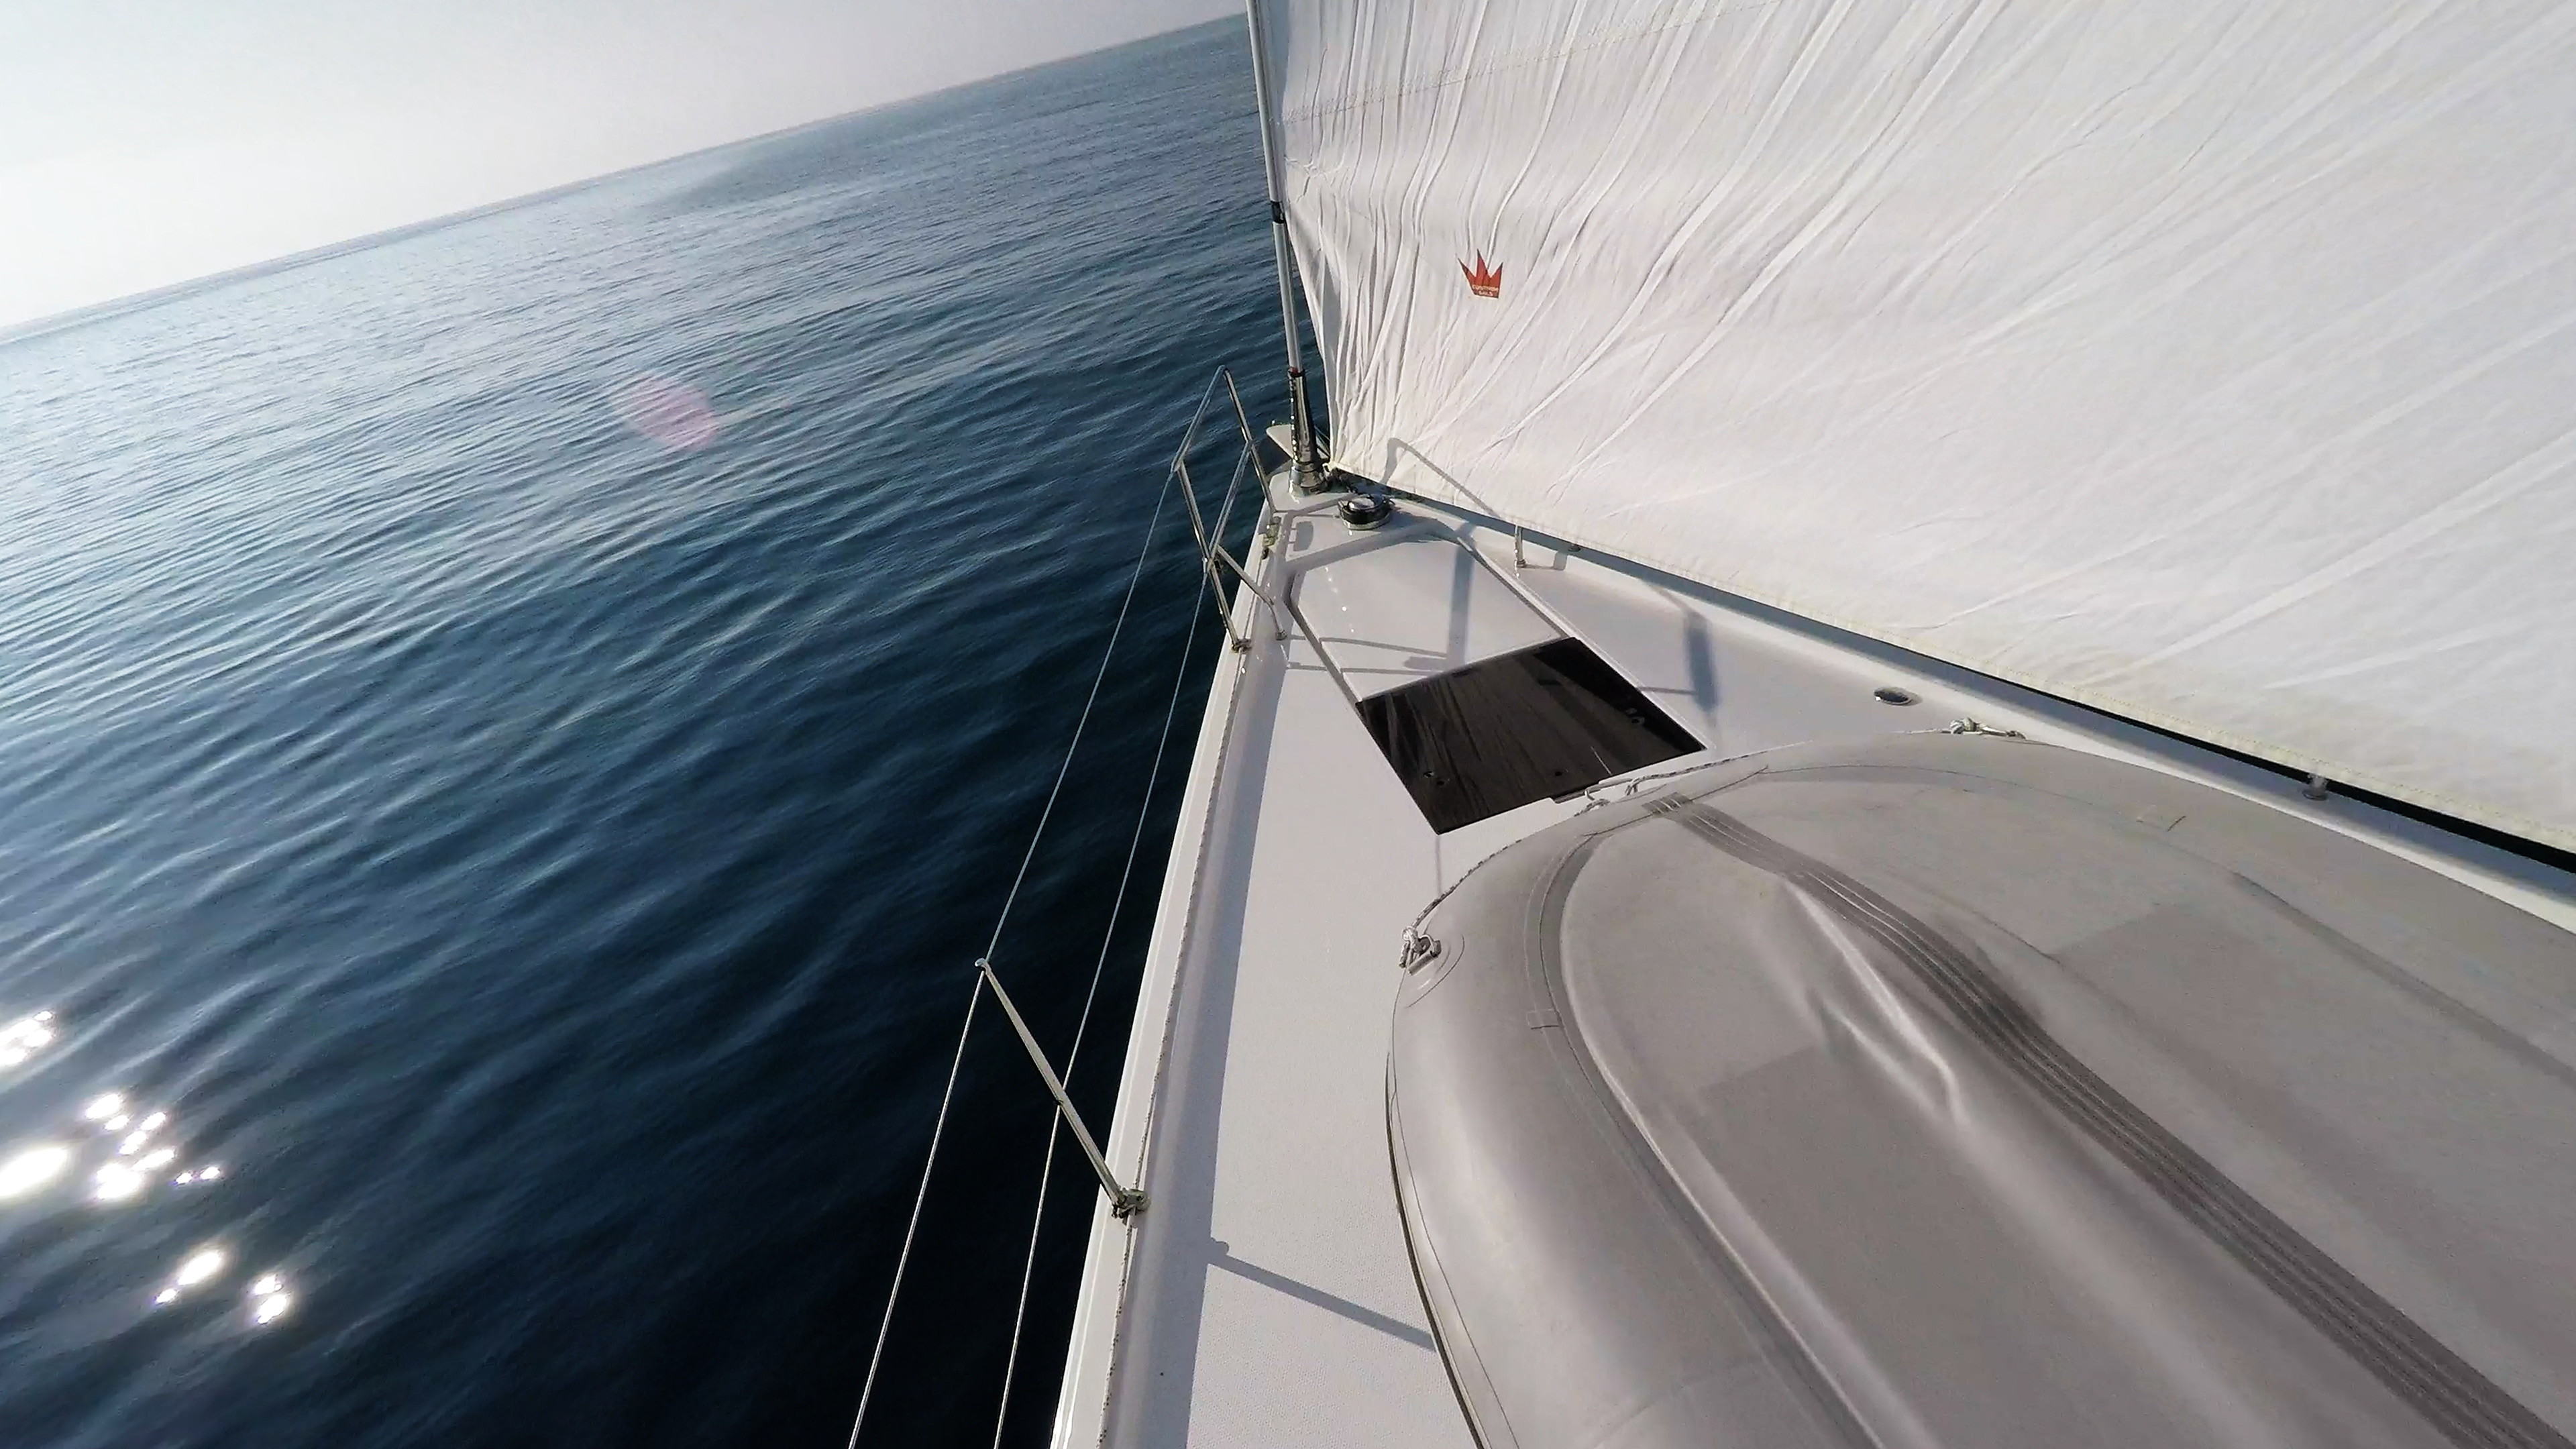 barcha a vela veleggiare mare prua della barca a vela vele yacht